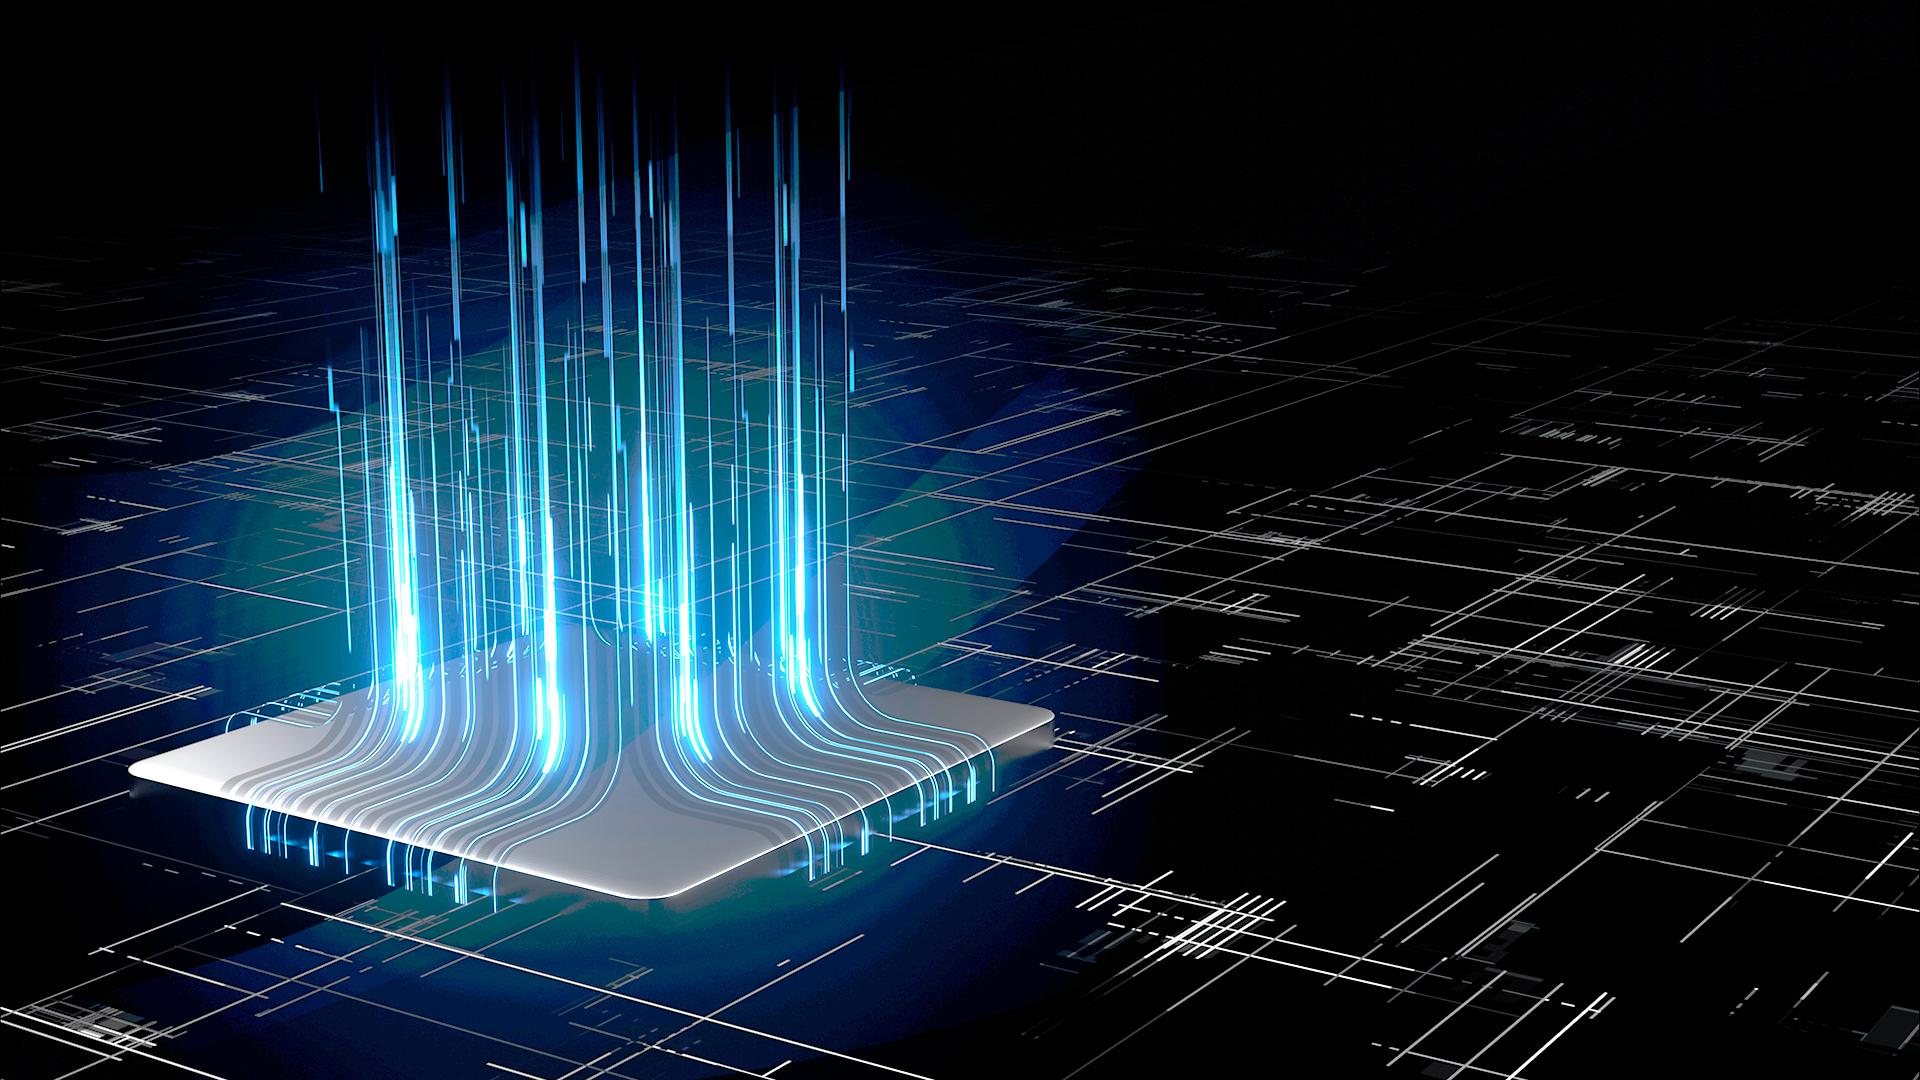 Es geht los: Europas erster Quantencomputer in Deutschland eingeweiht